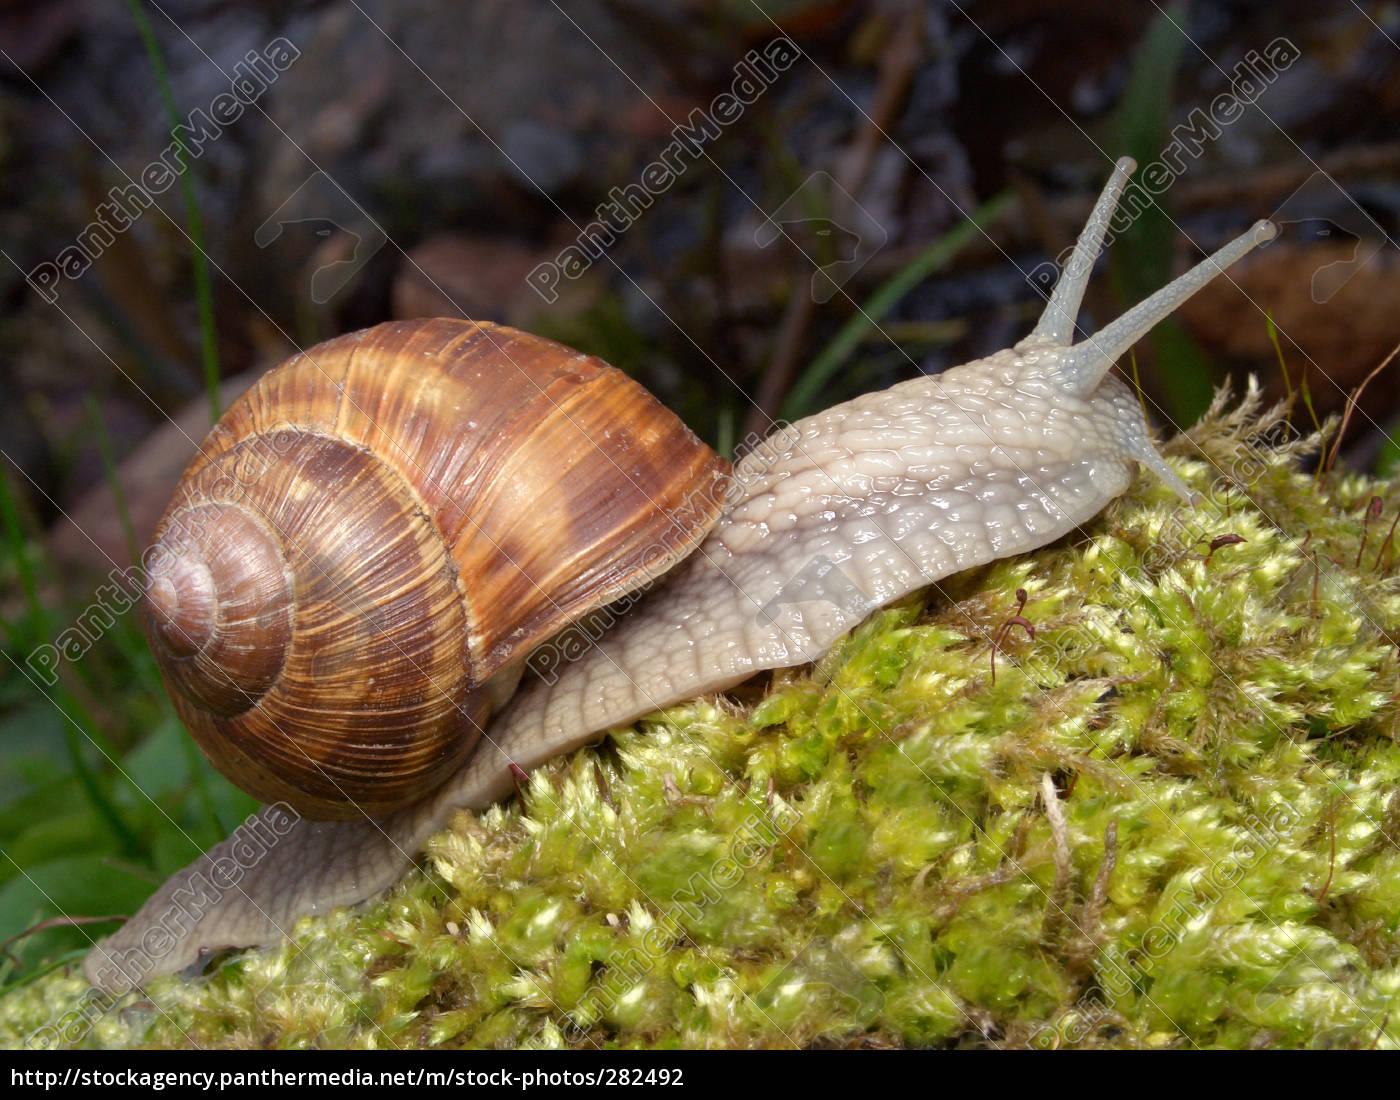 snail, 2 - 282492